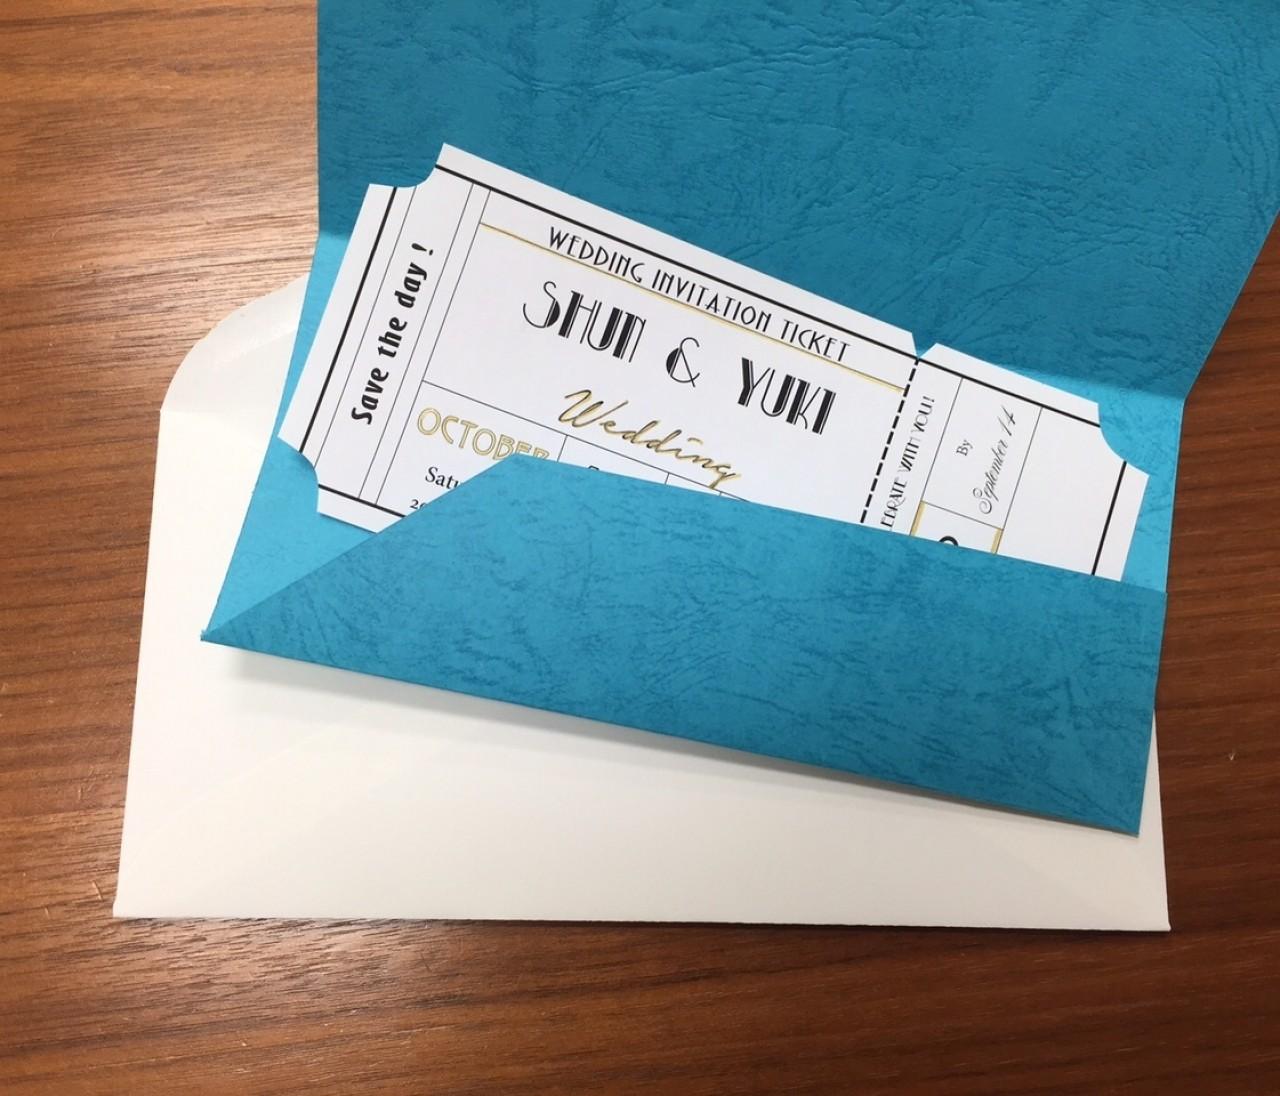 【プレ花DIY】BAILA7月号別冊付録「婚BAILA」に掲載中の招待状を作ってみた!